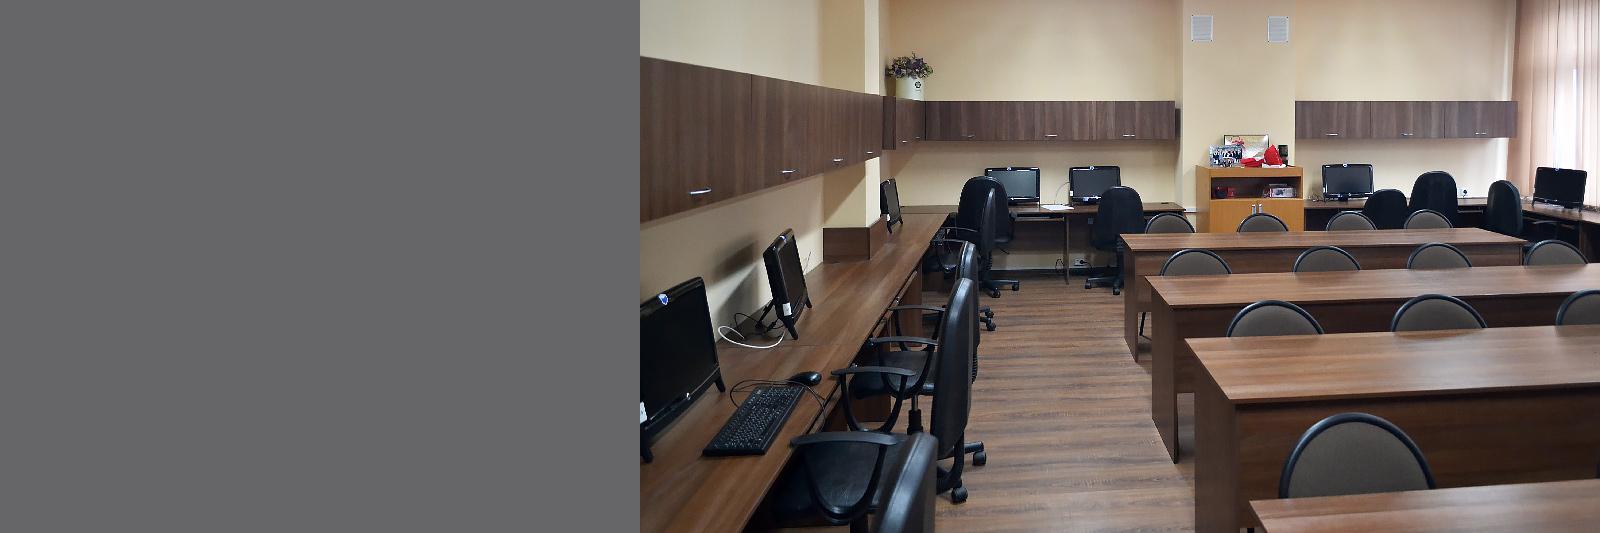 Мебель для школьного компьютерного класса на заказ